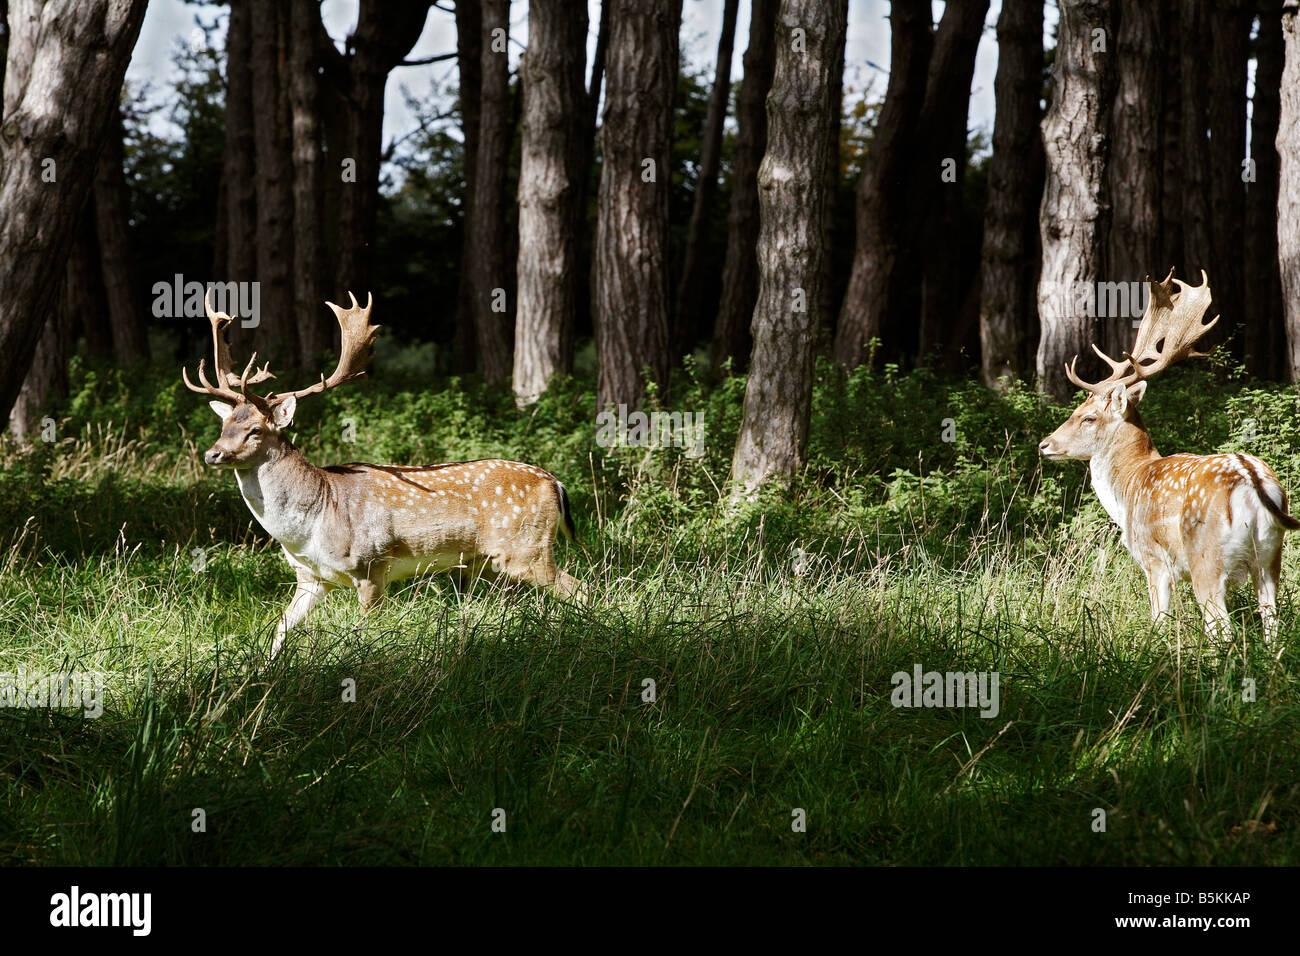 Wild deer in the Phoenix Park Dublin 8 Ireland Stock Photo